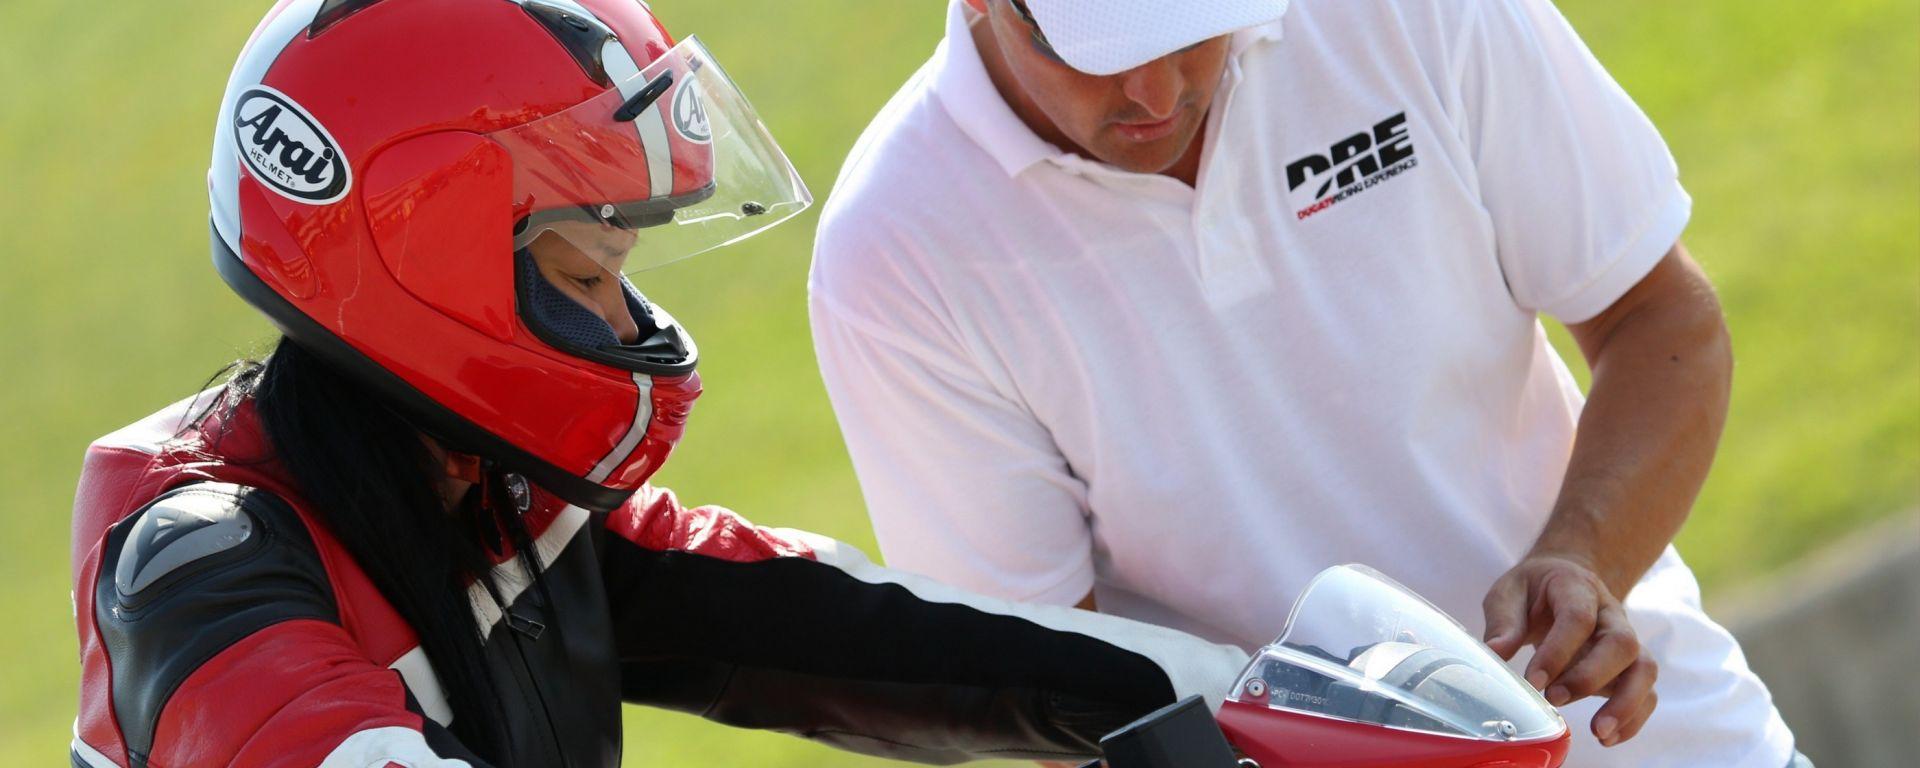 Ducati: aperte le iscrizioni al DRE 2015